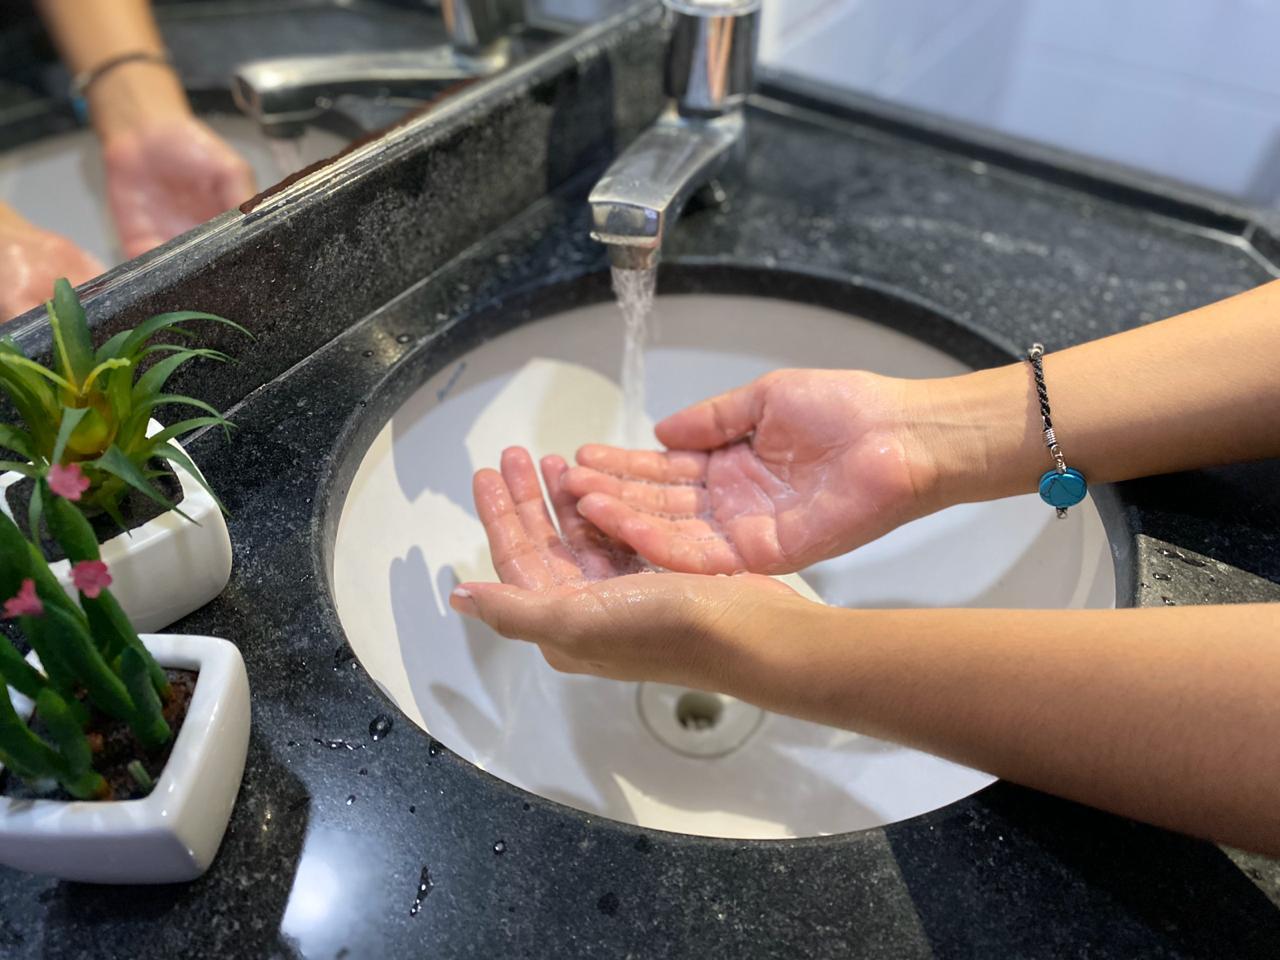 maos - Não lavar as mãos pode provocar uma série de doenças e especialista ensina forma eficaz de fazer higienização